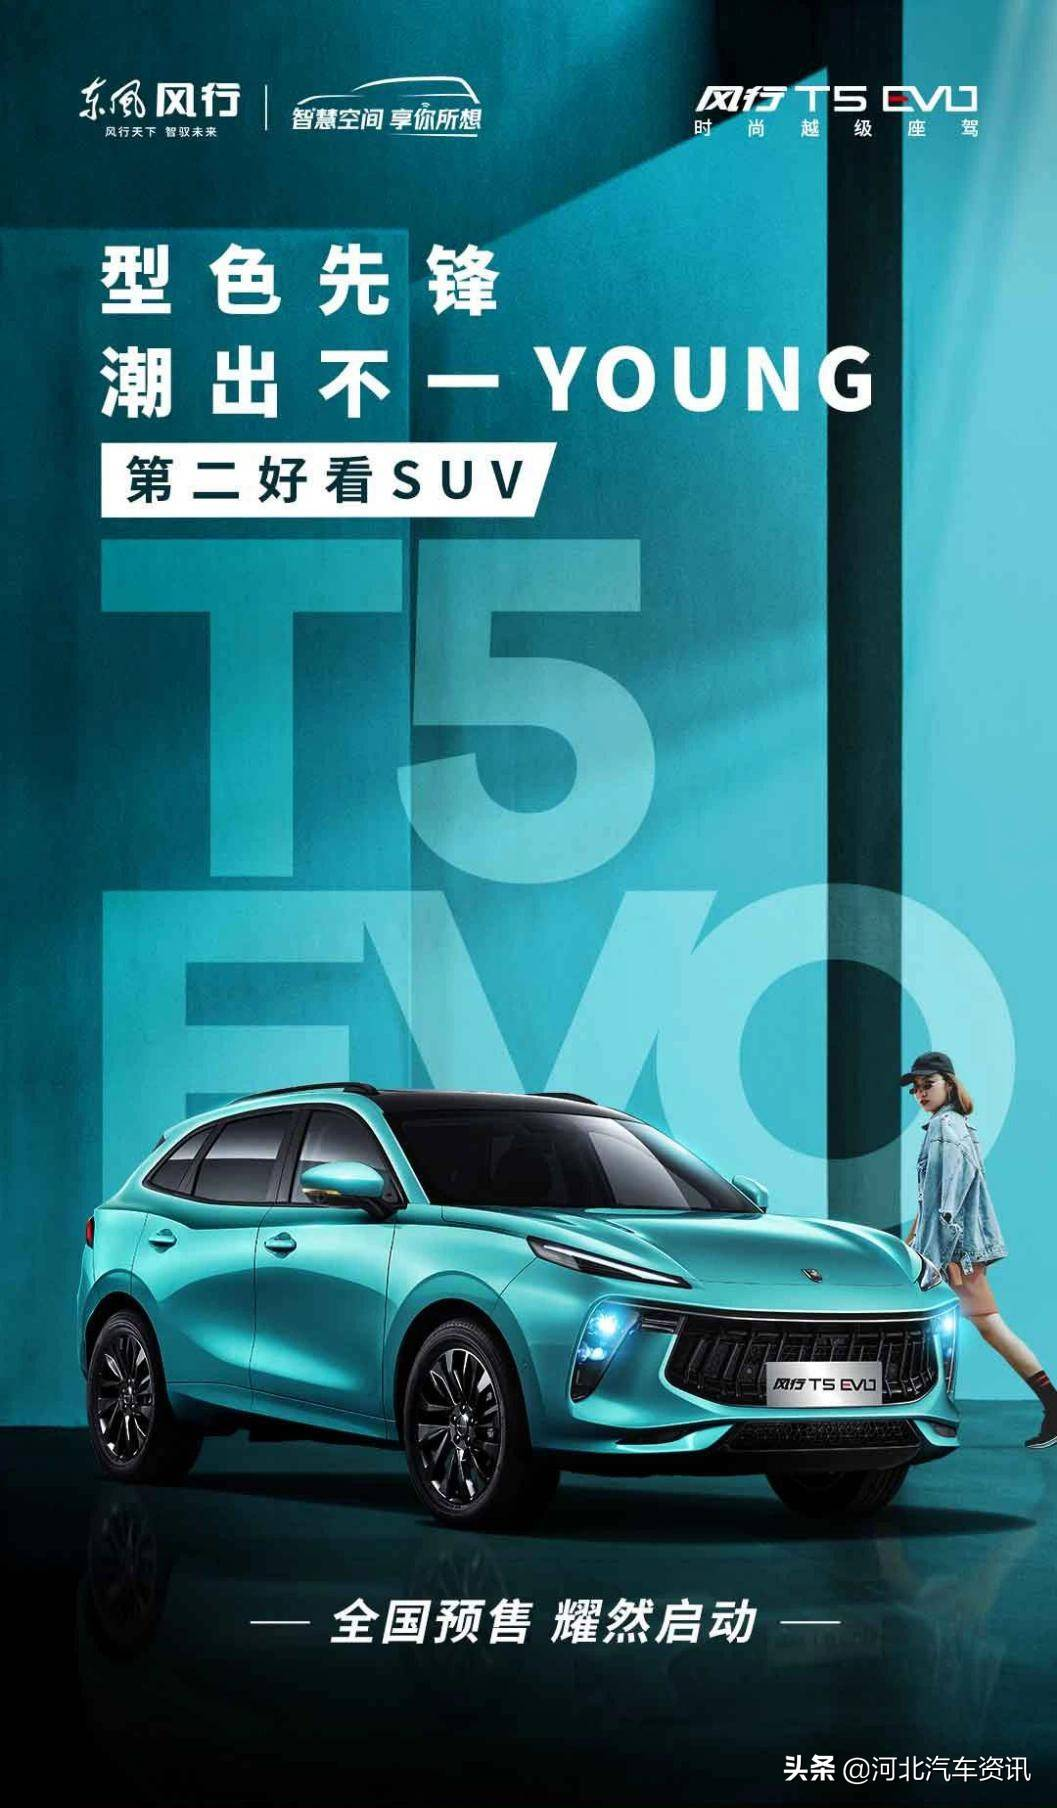 世界第二漂亮的SUV,提前开始卖!买车享受7大礼物